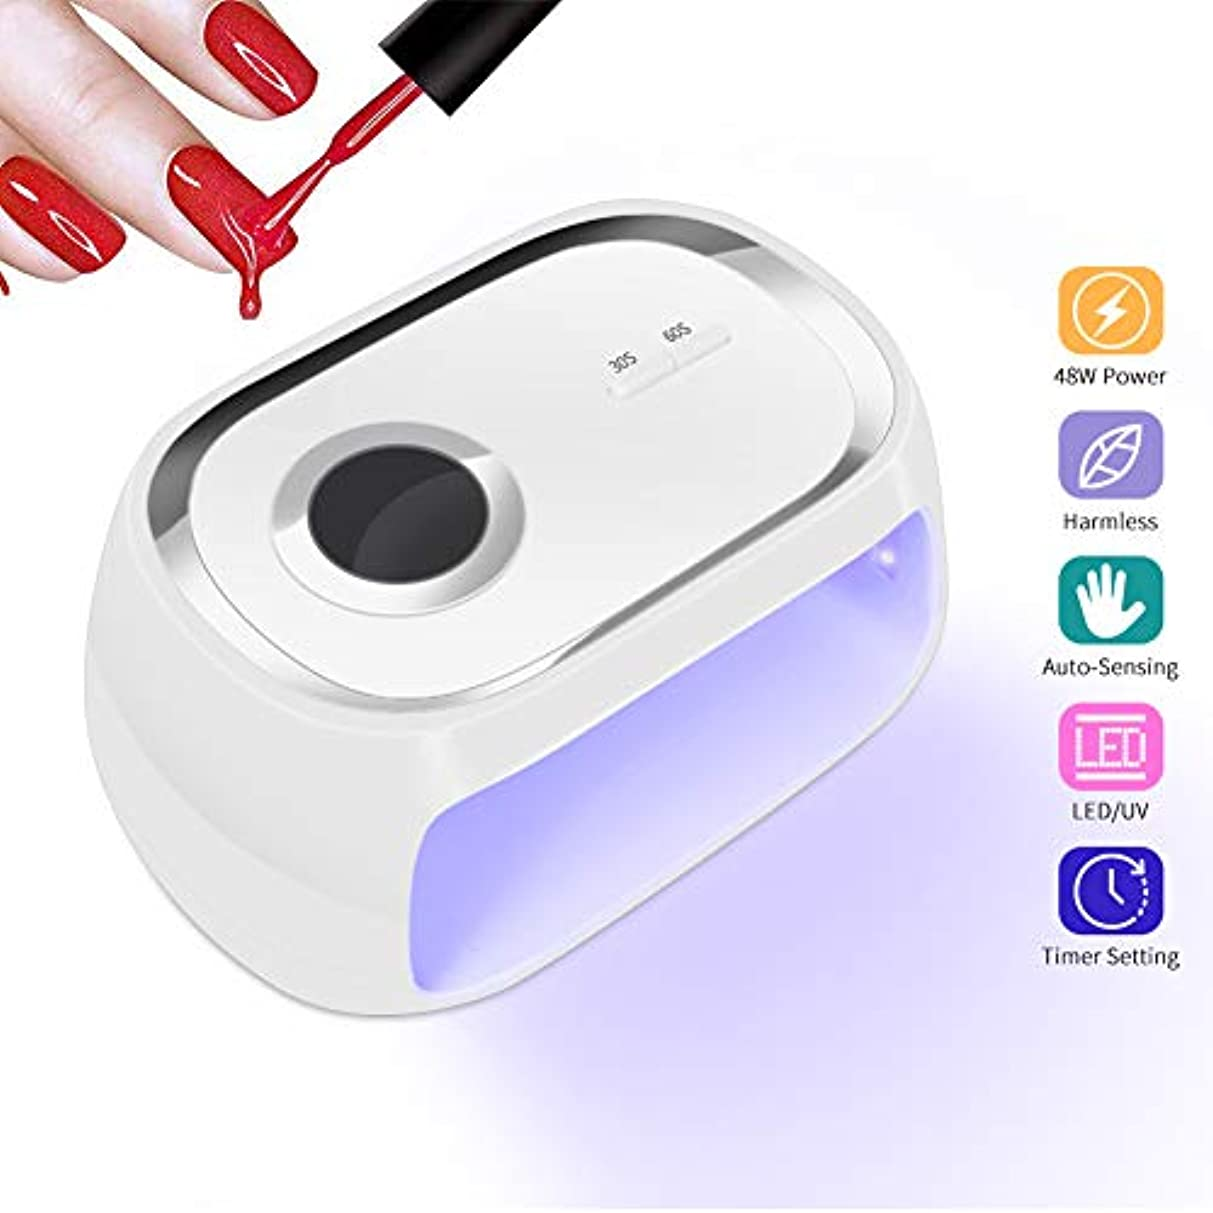 測定可能分布アルカイックネイルグルー用LED UVランプ、ジェルポリッシング用48Wクイックネイルドライヤー、ネイルライト、スマートオートセンシング、2つのタイマー設定、LEDデジタルディスプレイ、ネイルおよびネイル用ネイル